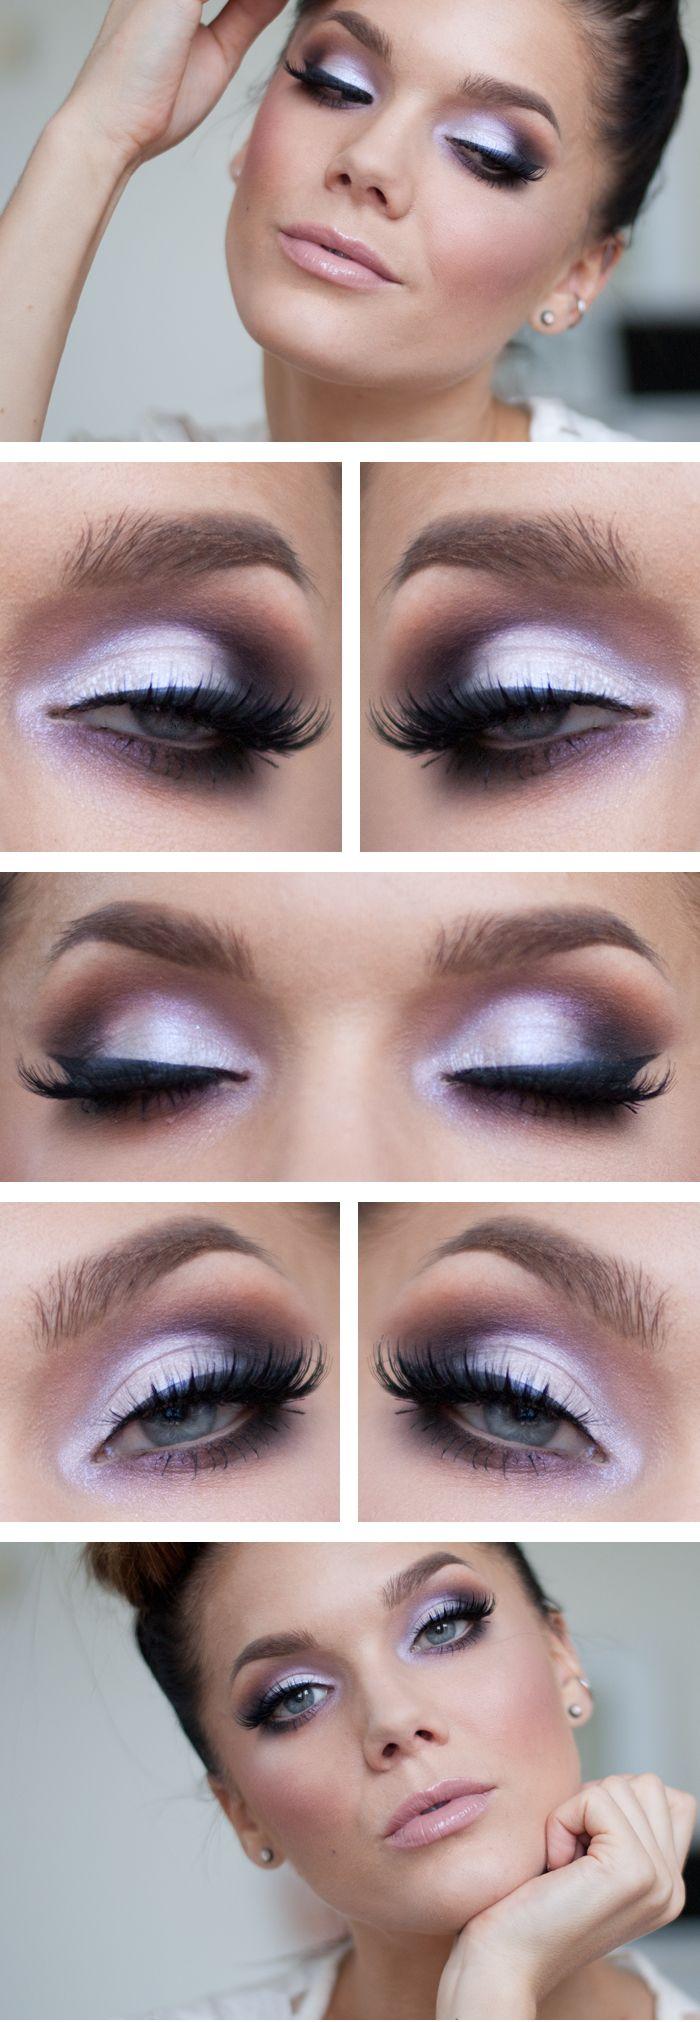 #makeup #beauty #style #eyeshadow